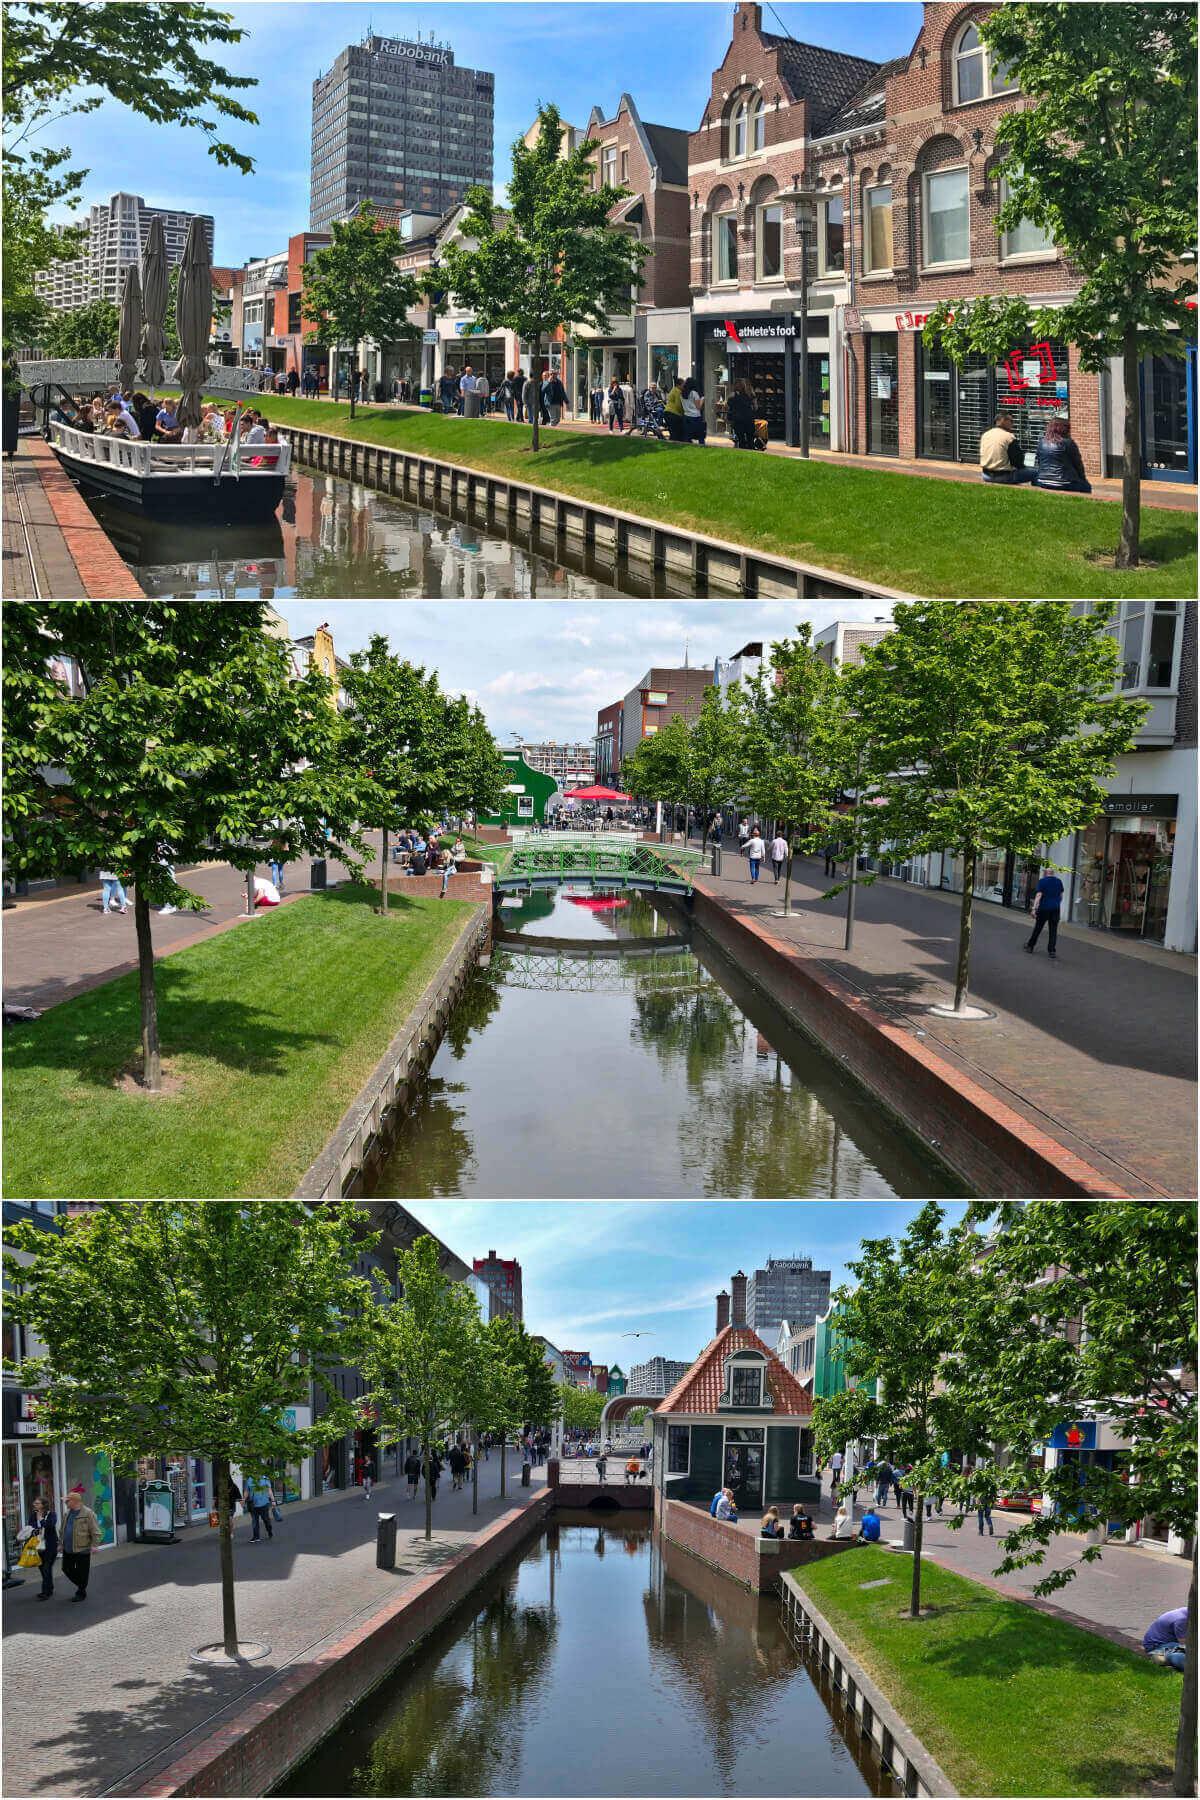 Gedempte Gracht, Zaandam, Netherlands